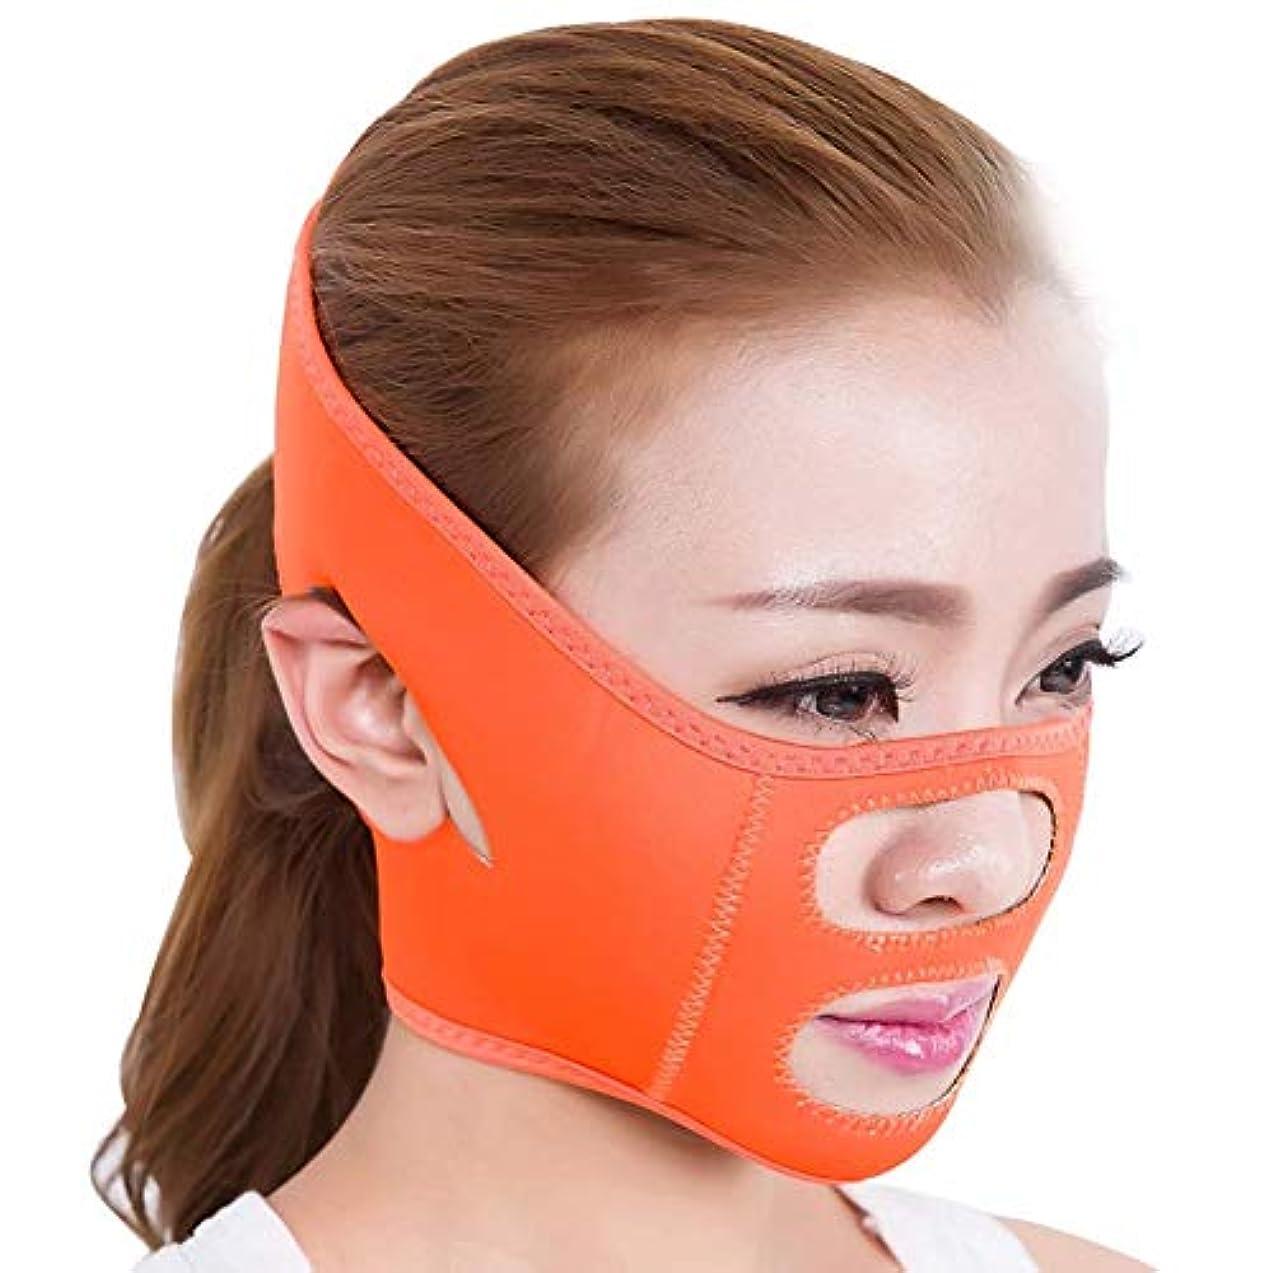 アブストラクト藤色ランプフェイススリミングマスク、スリムリフトタイトスキンバンデージダブルチンスリミングベルトフォーコンパクトフェイシャルスキン